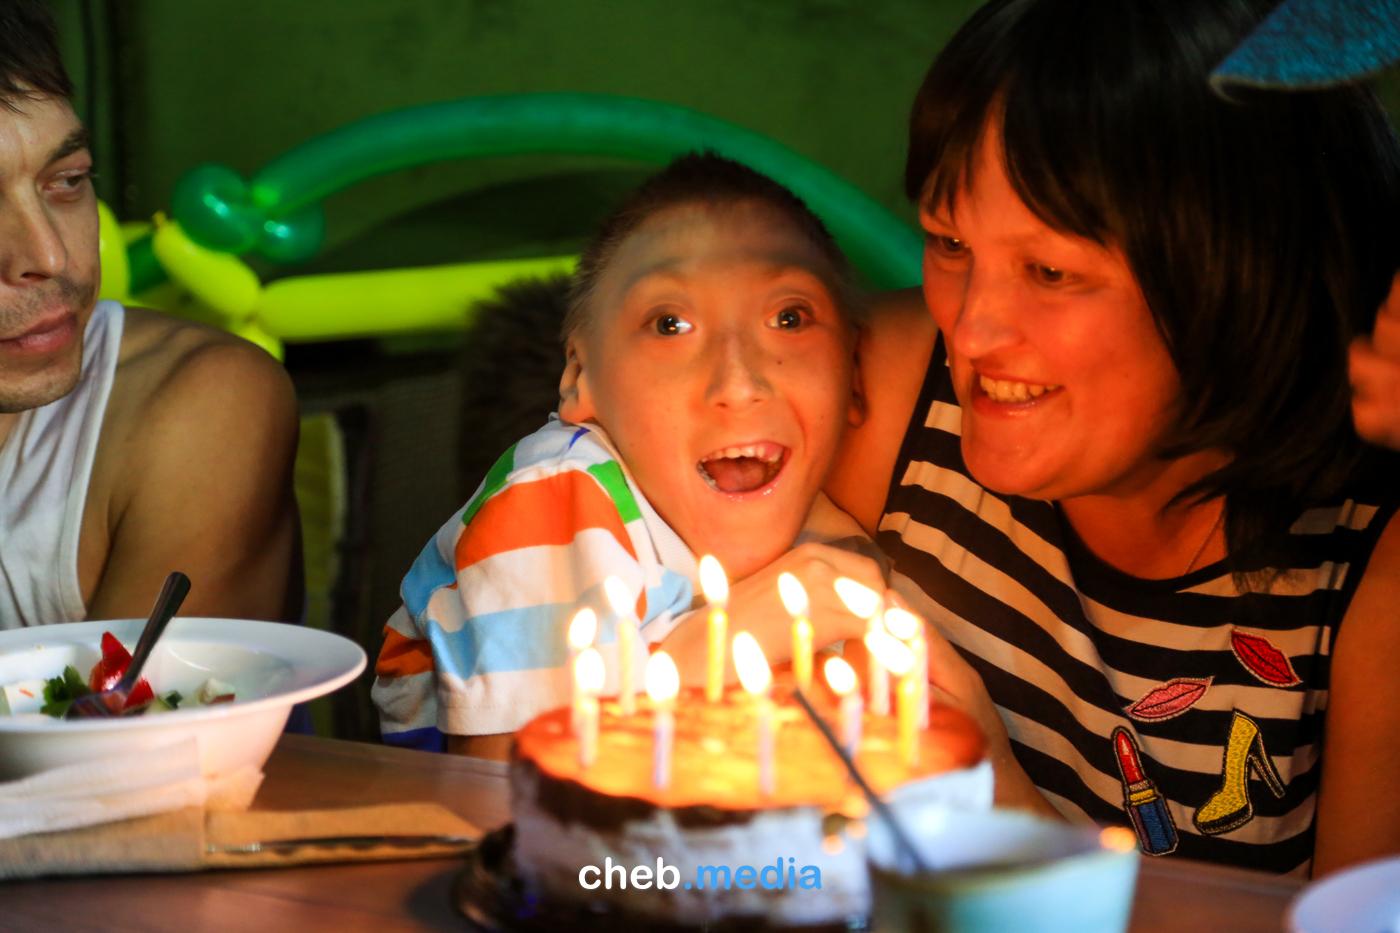 С днем рождения, Илюша: как отмечают праздник особенные дети